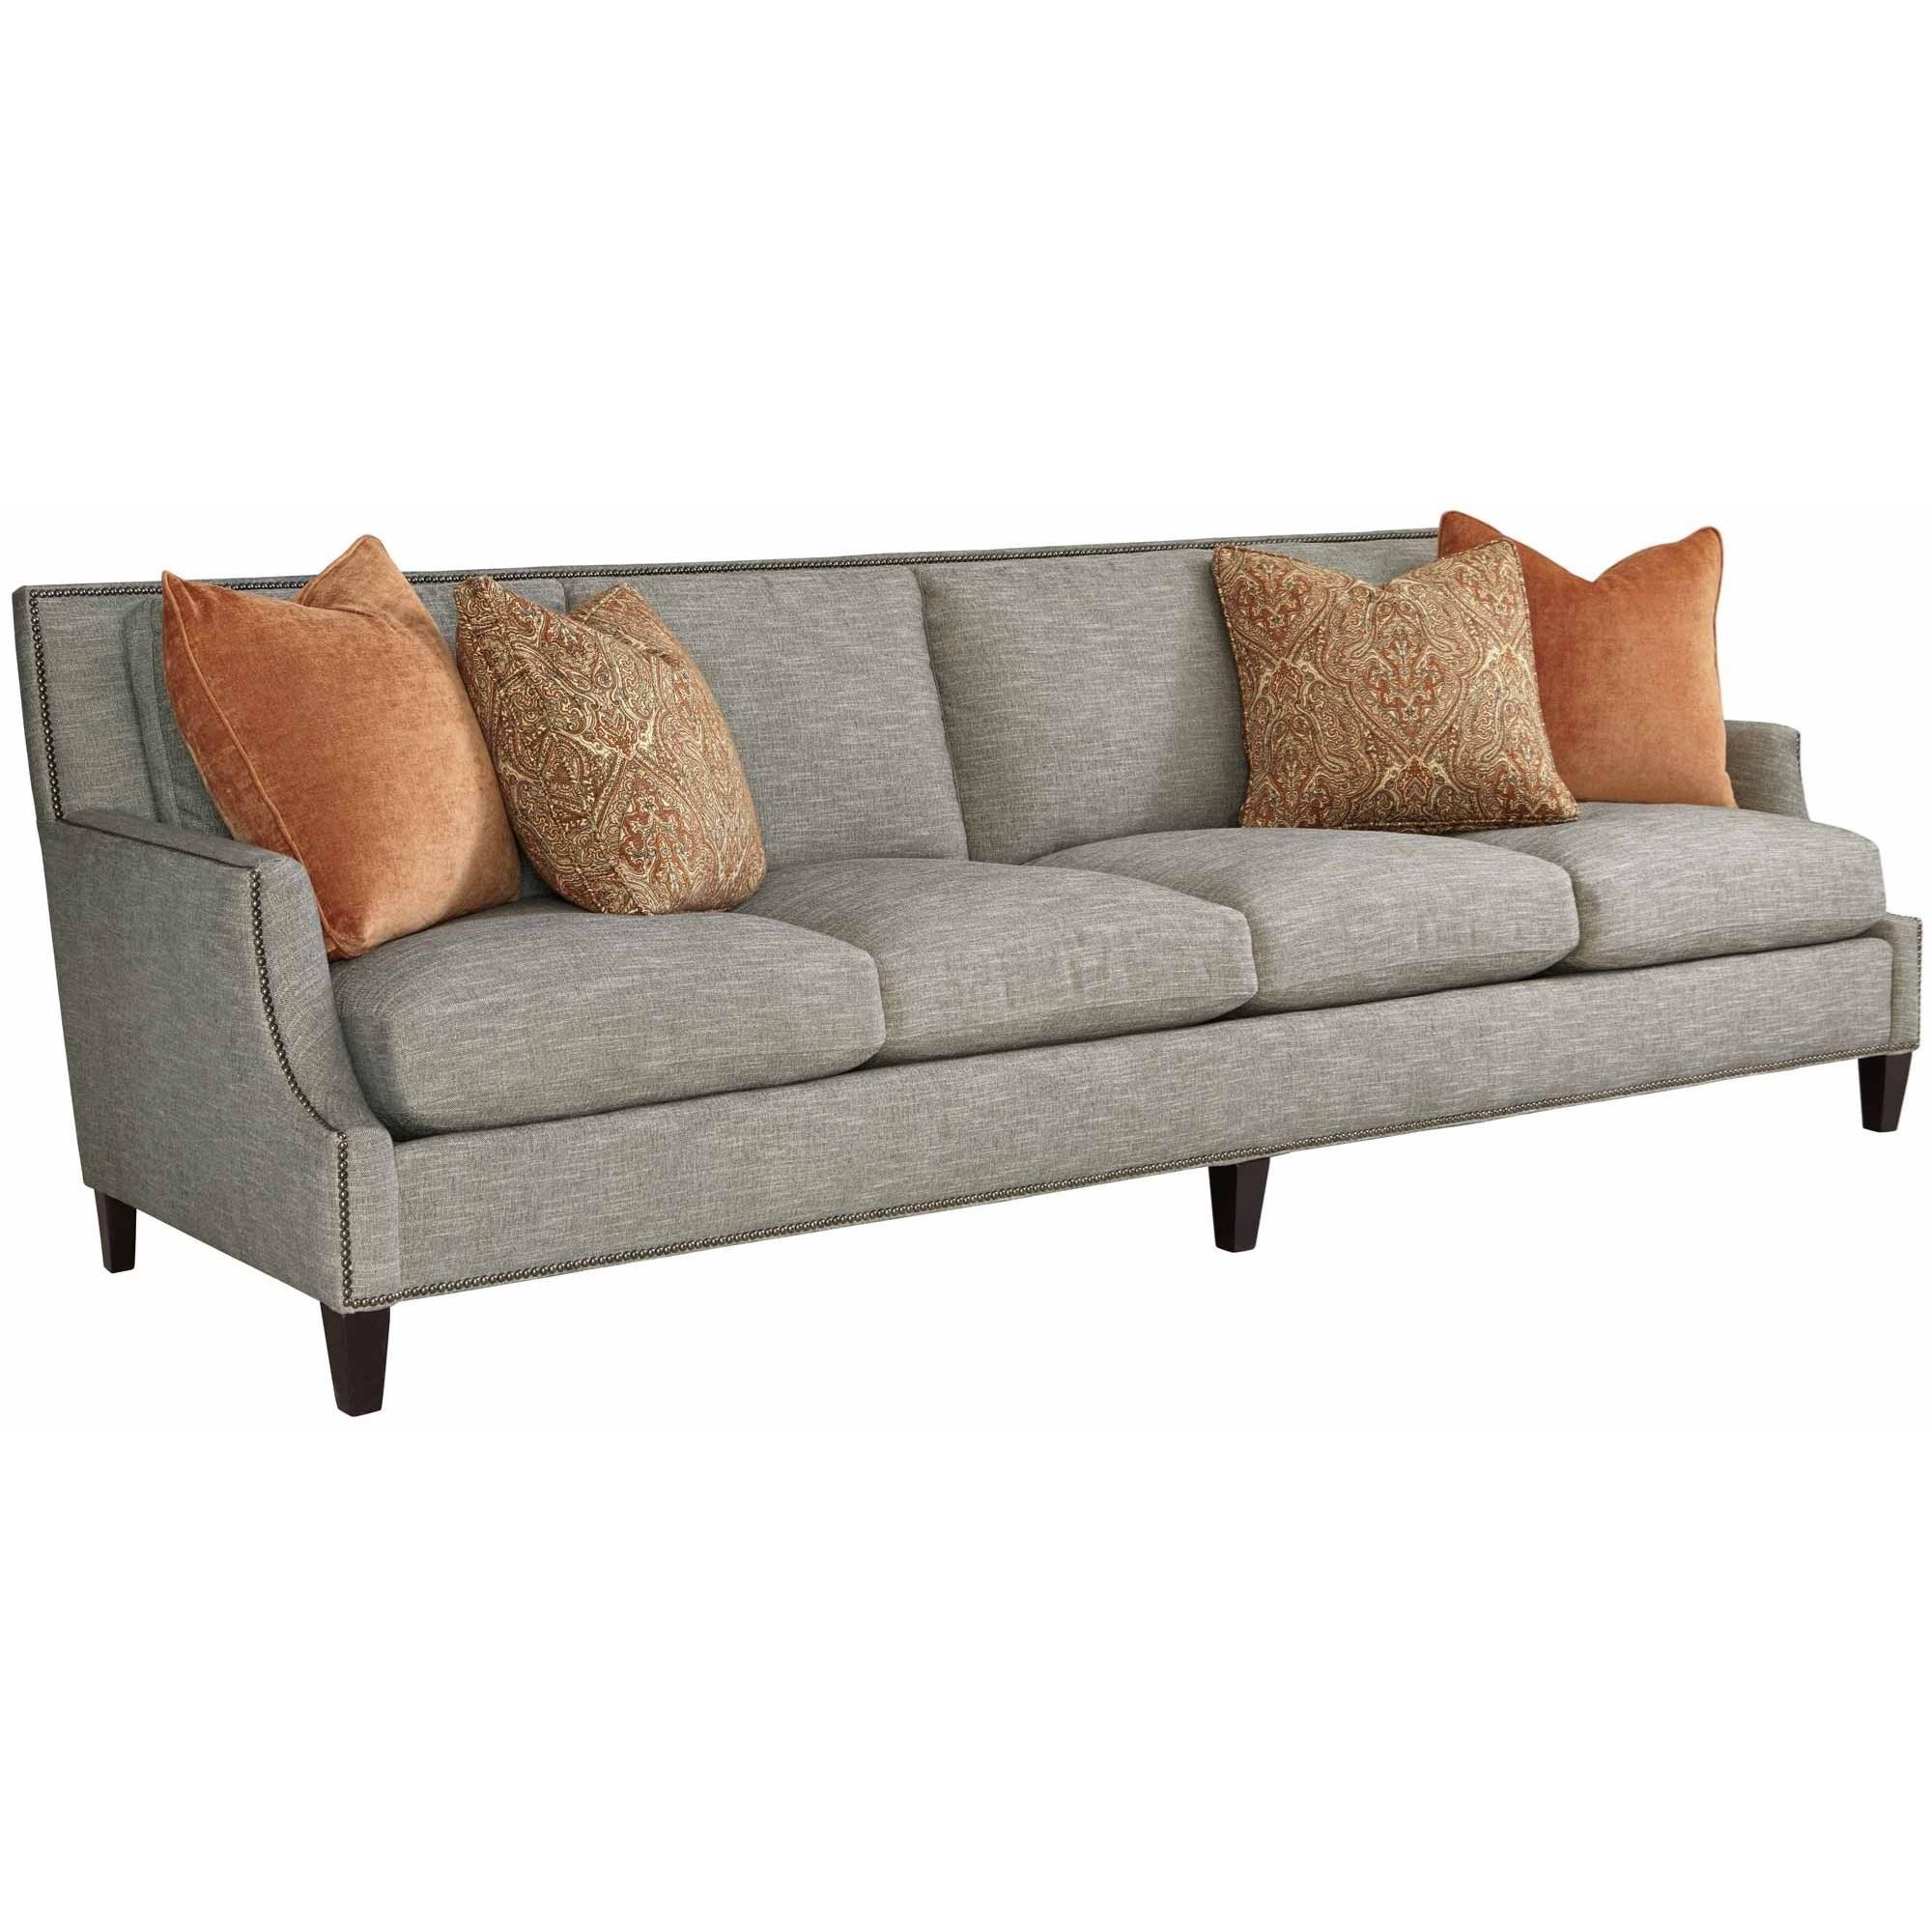 Sofa (108 in.)